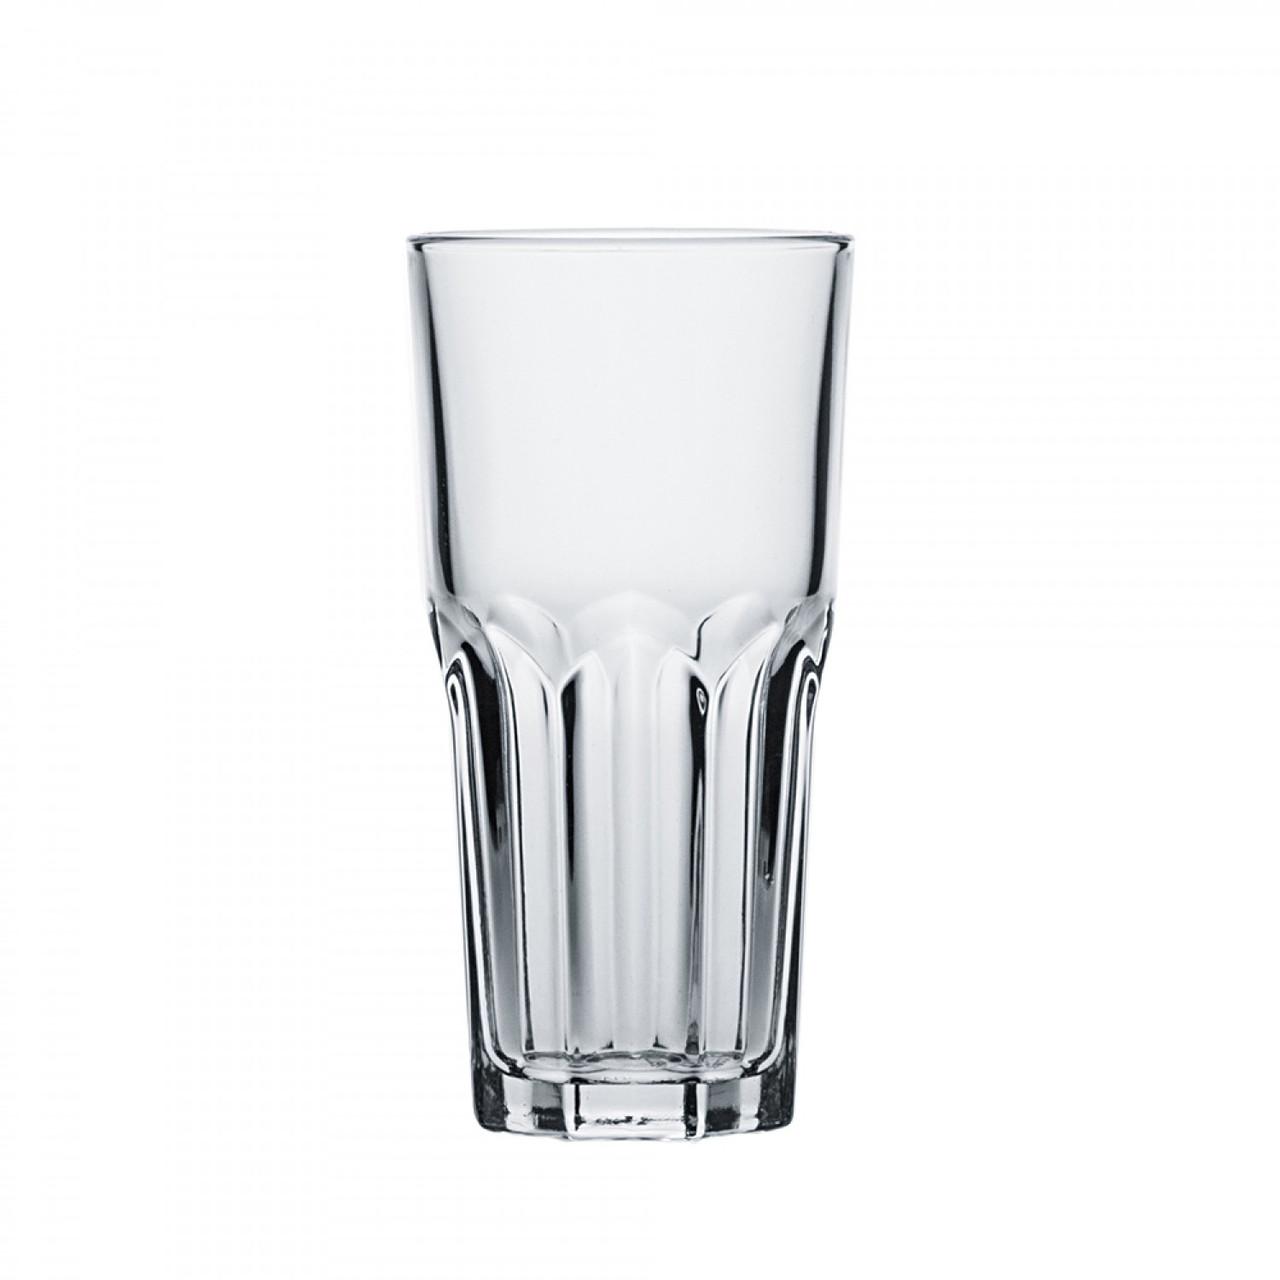 """Стакан высокий стеклянный с гранями Arcoroc """"Гранит"""" 200 мл (J3281)"""